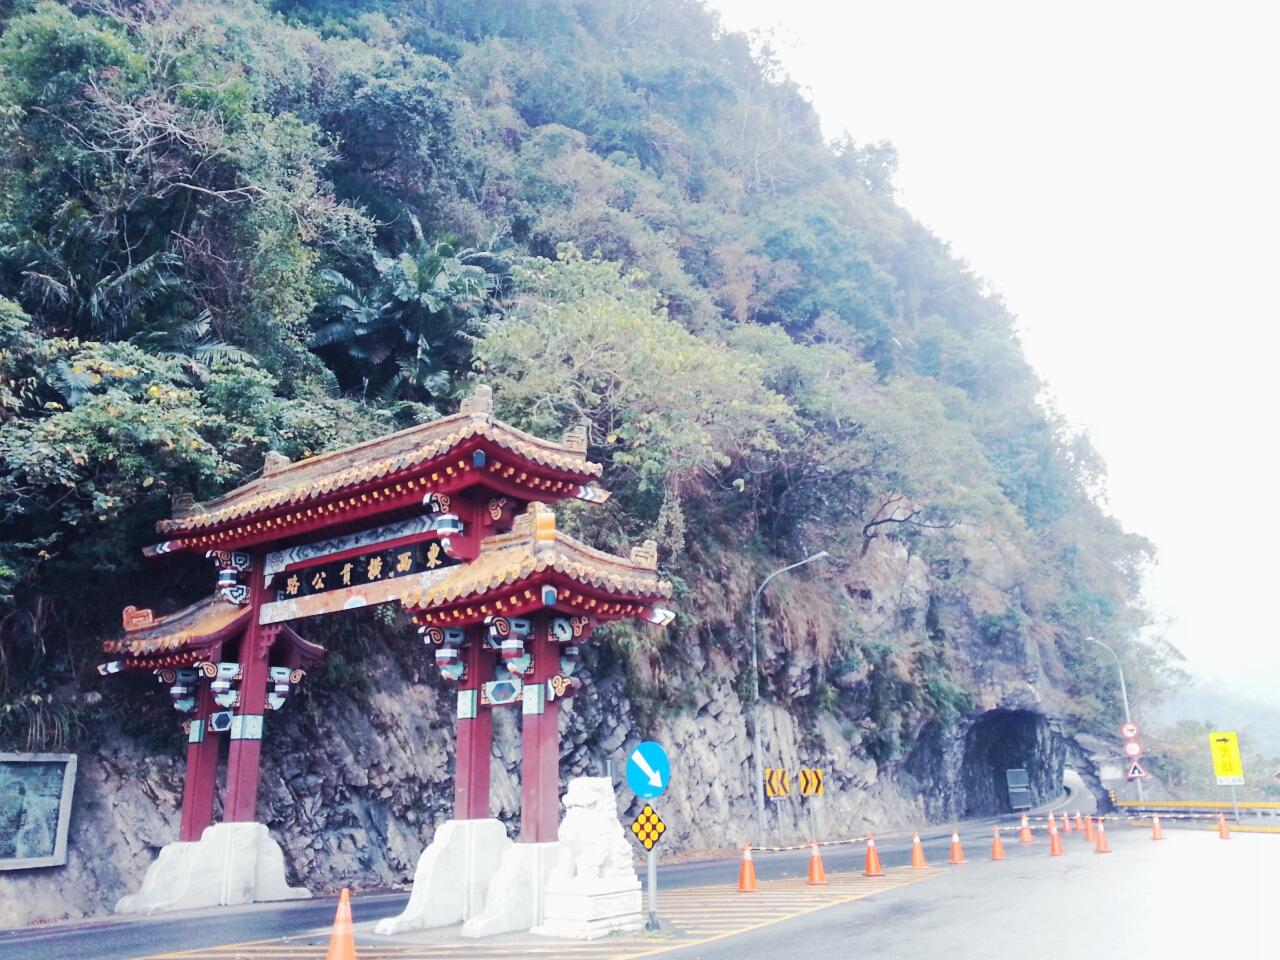 대만여행 4일차 - 화련, 타이루거협곡